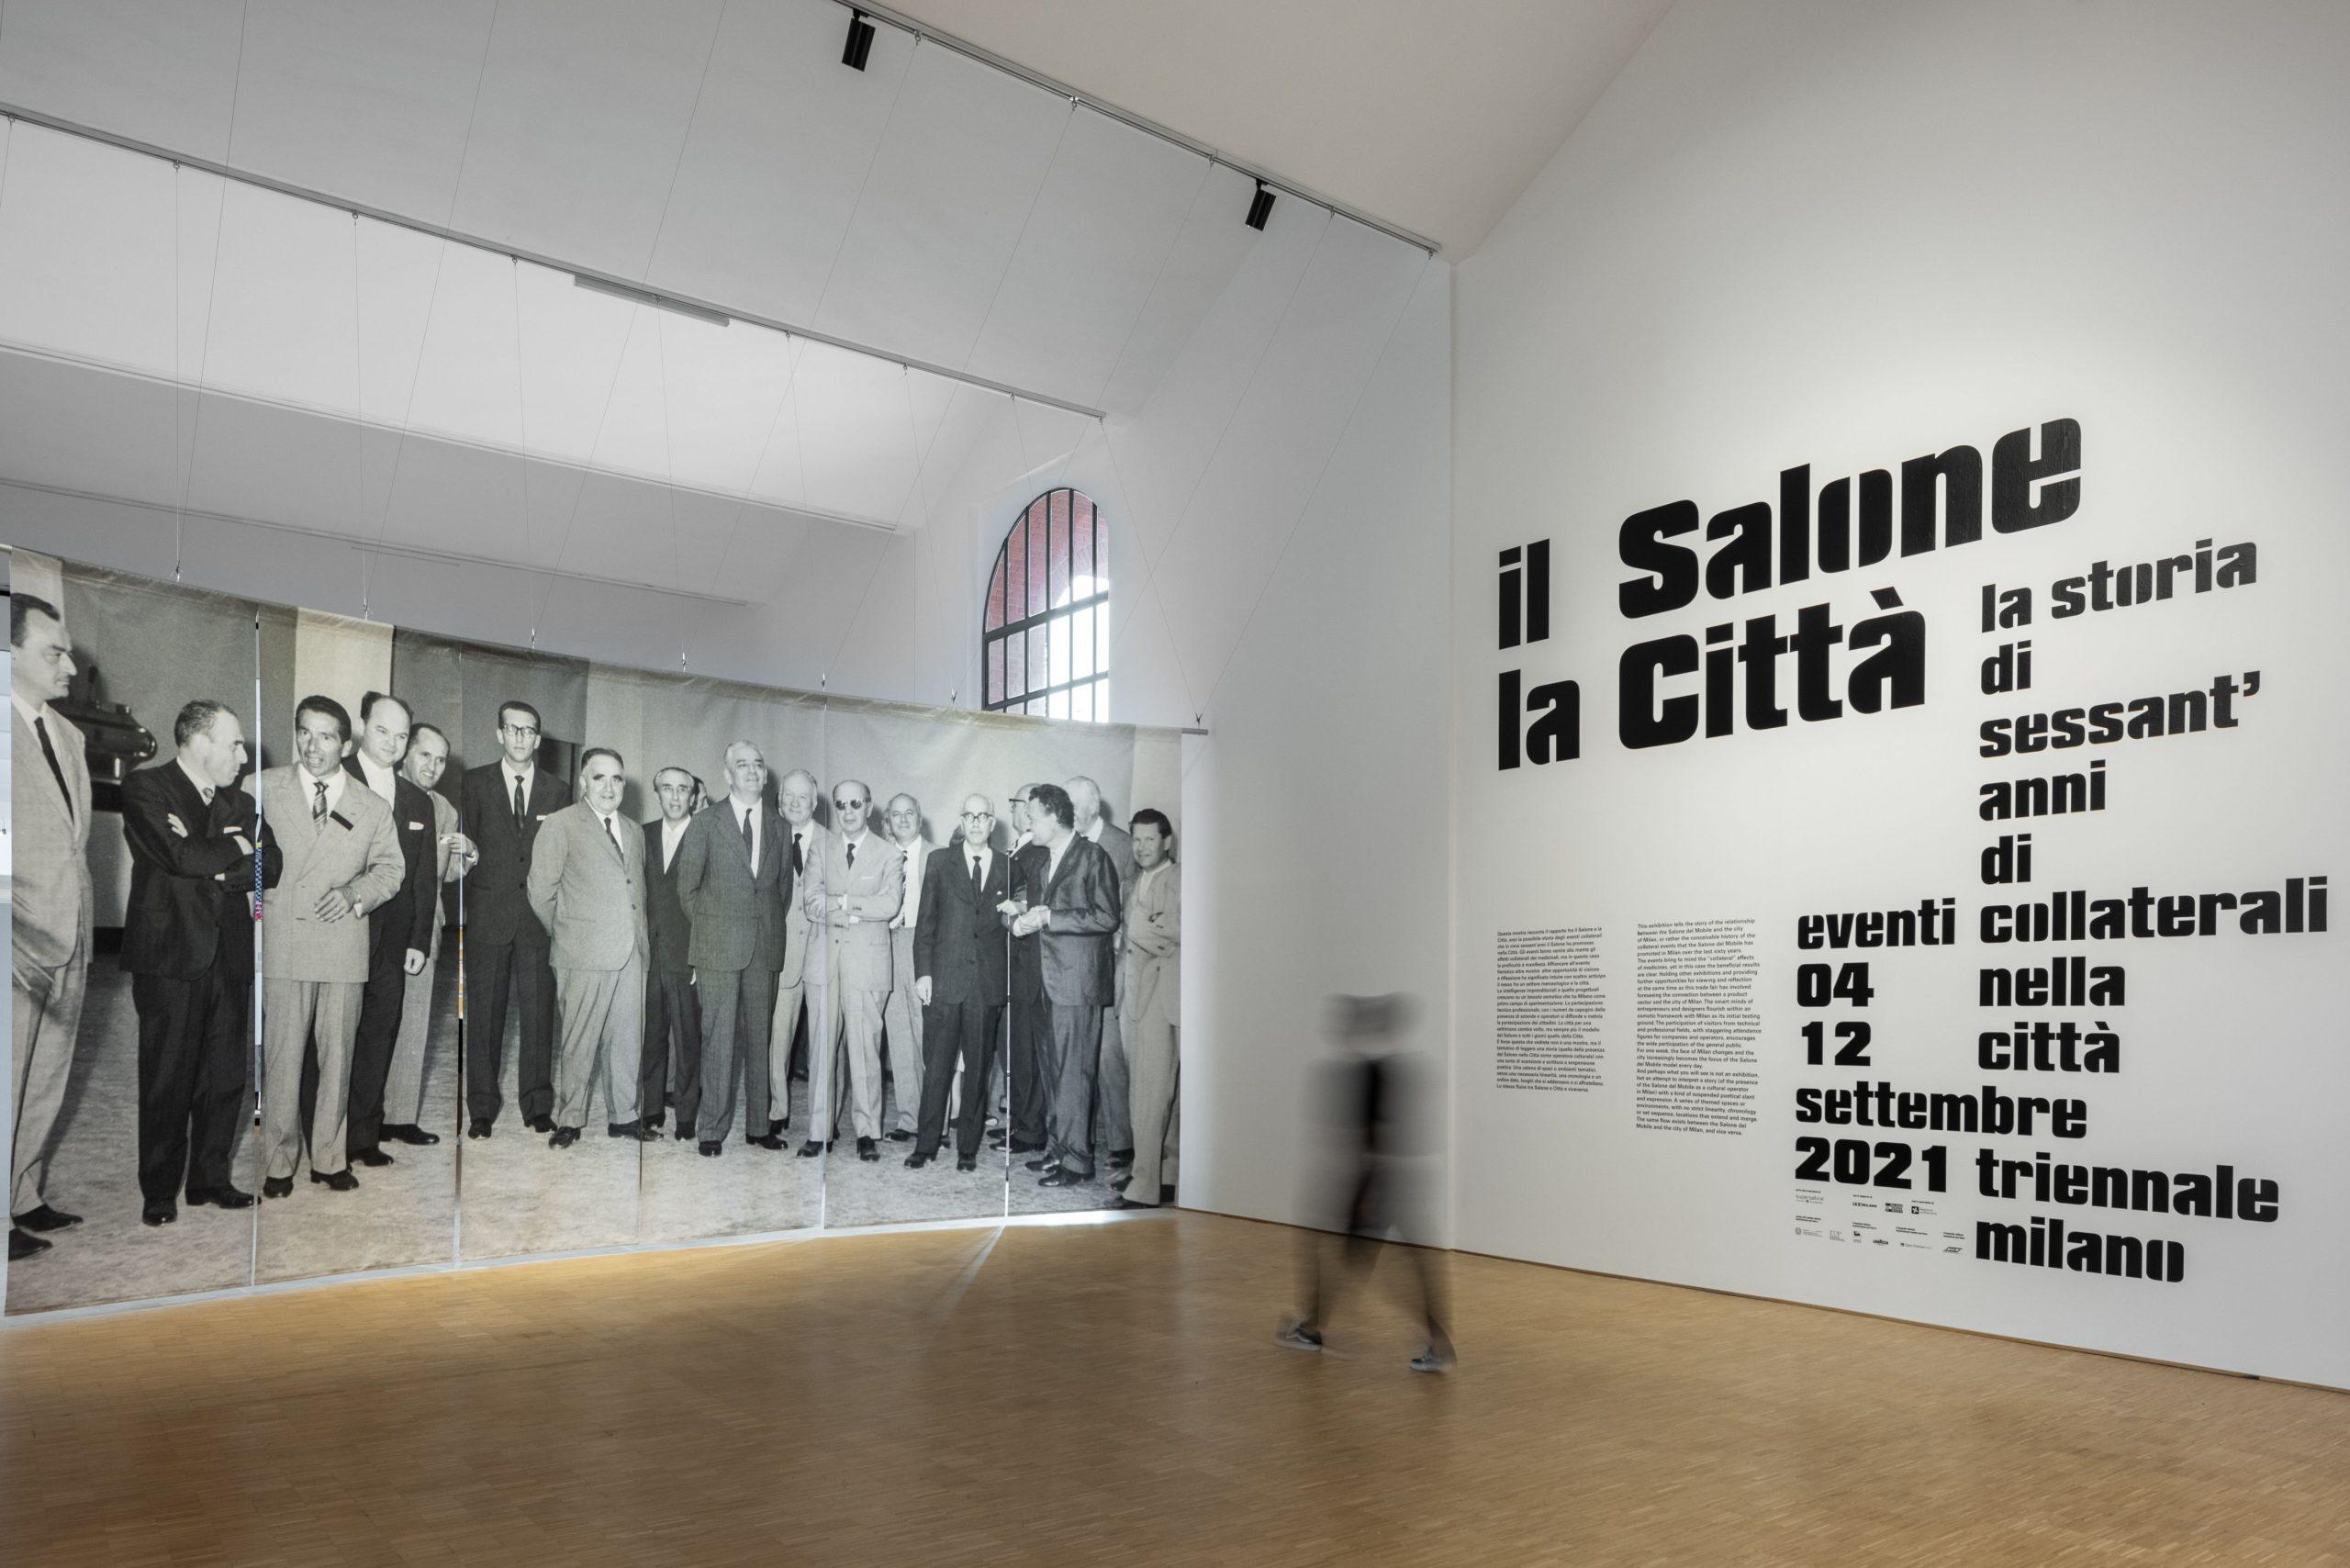 il Salone / la Città alla Triennale